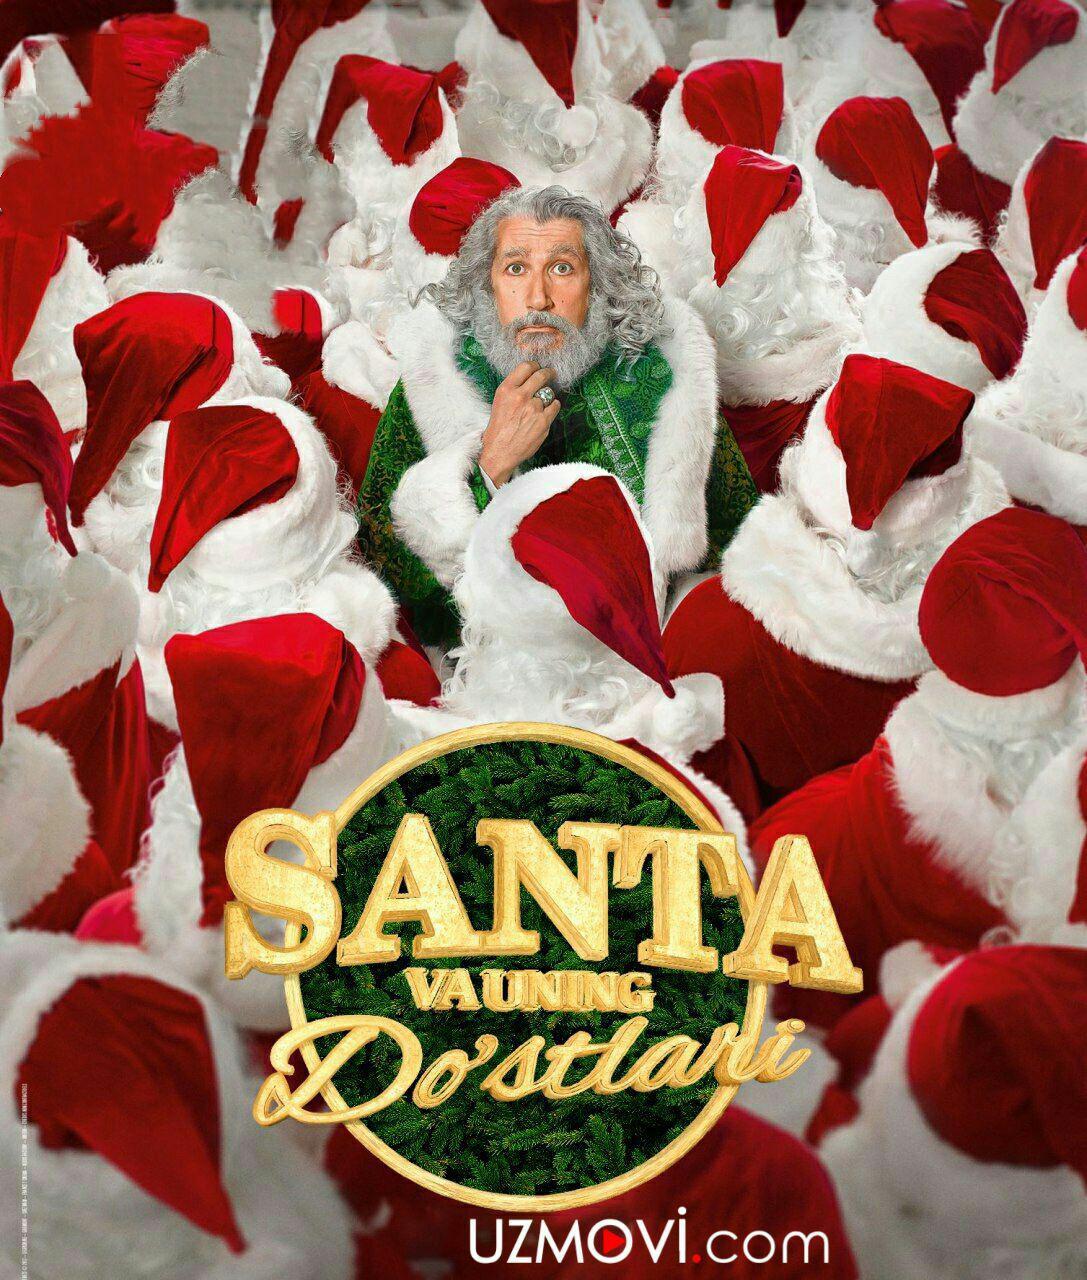 Santa va uning do'stlari / санта и компания